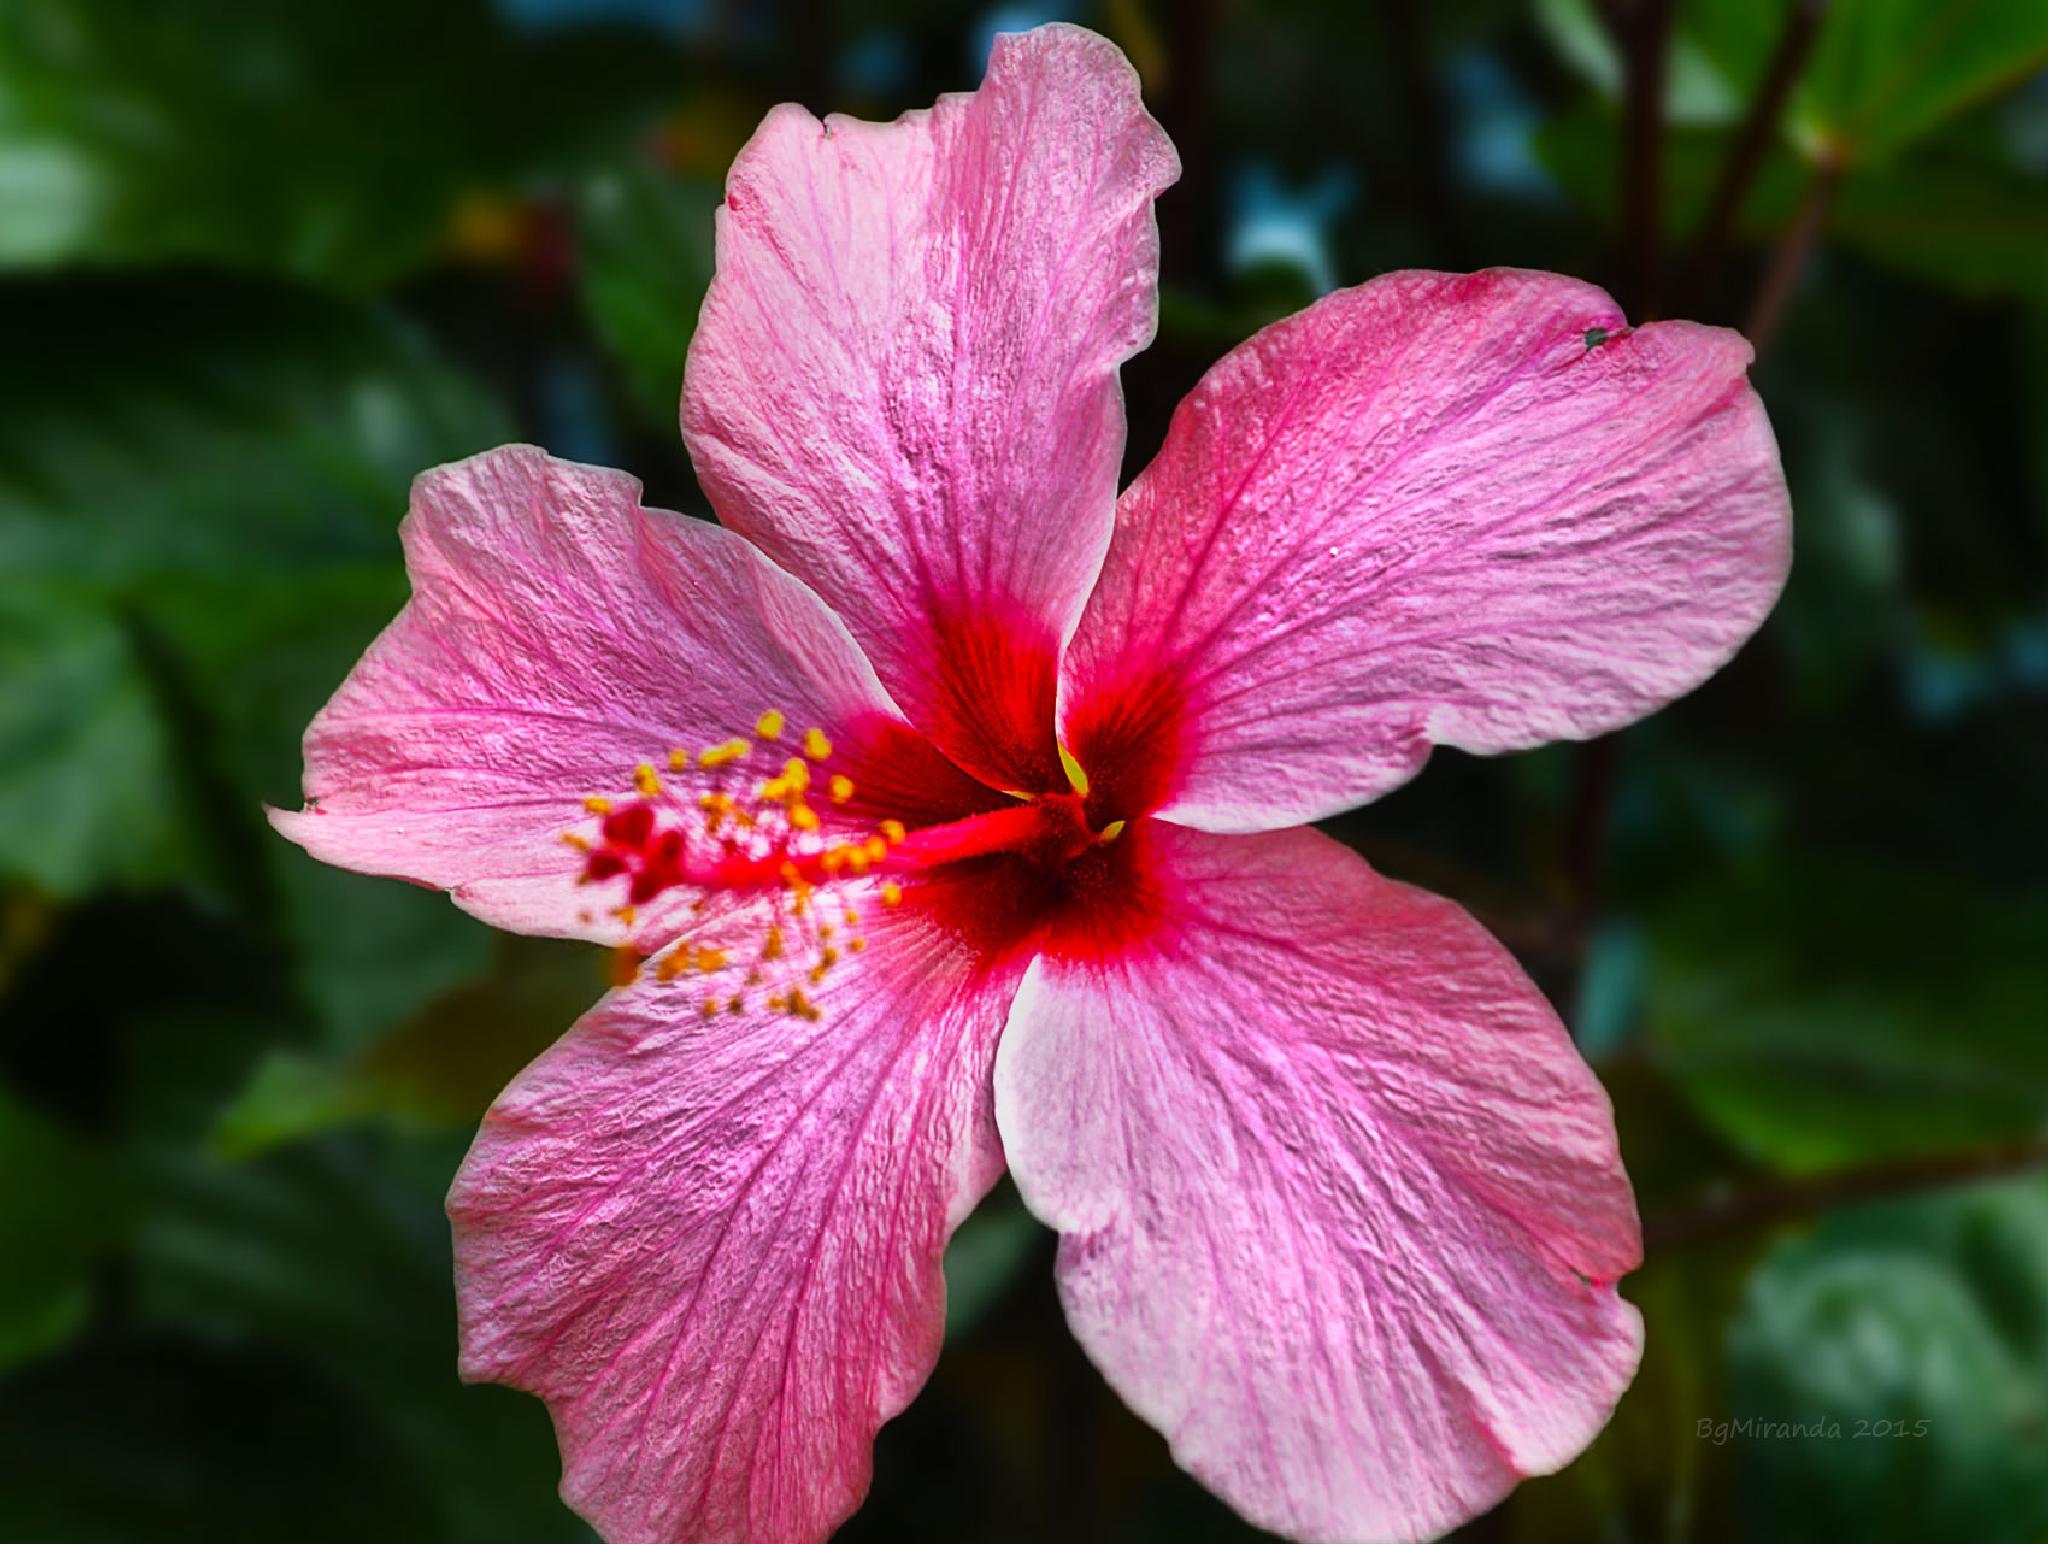 Pink Gumamela by Bernard Miranda